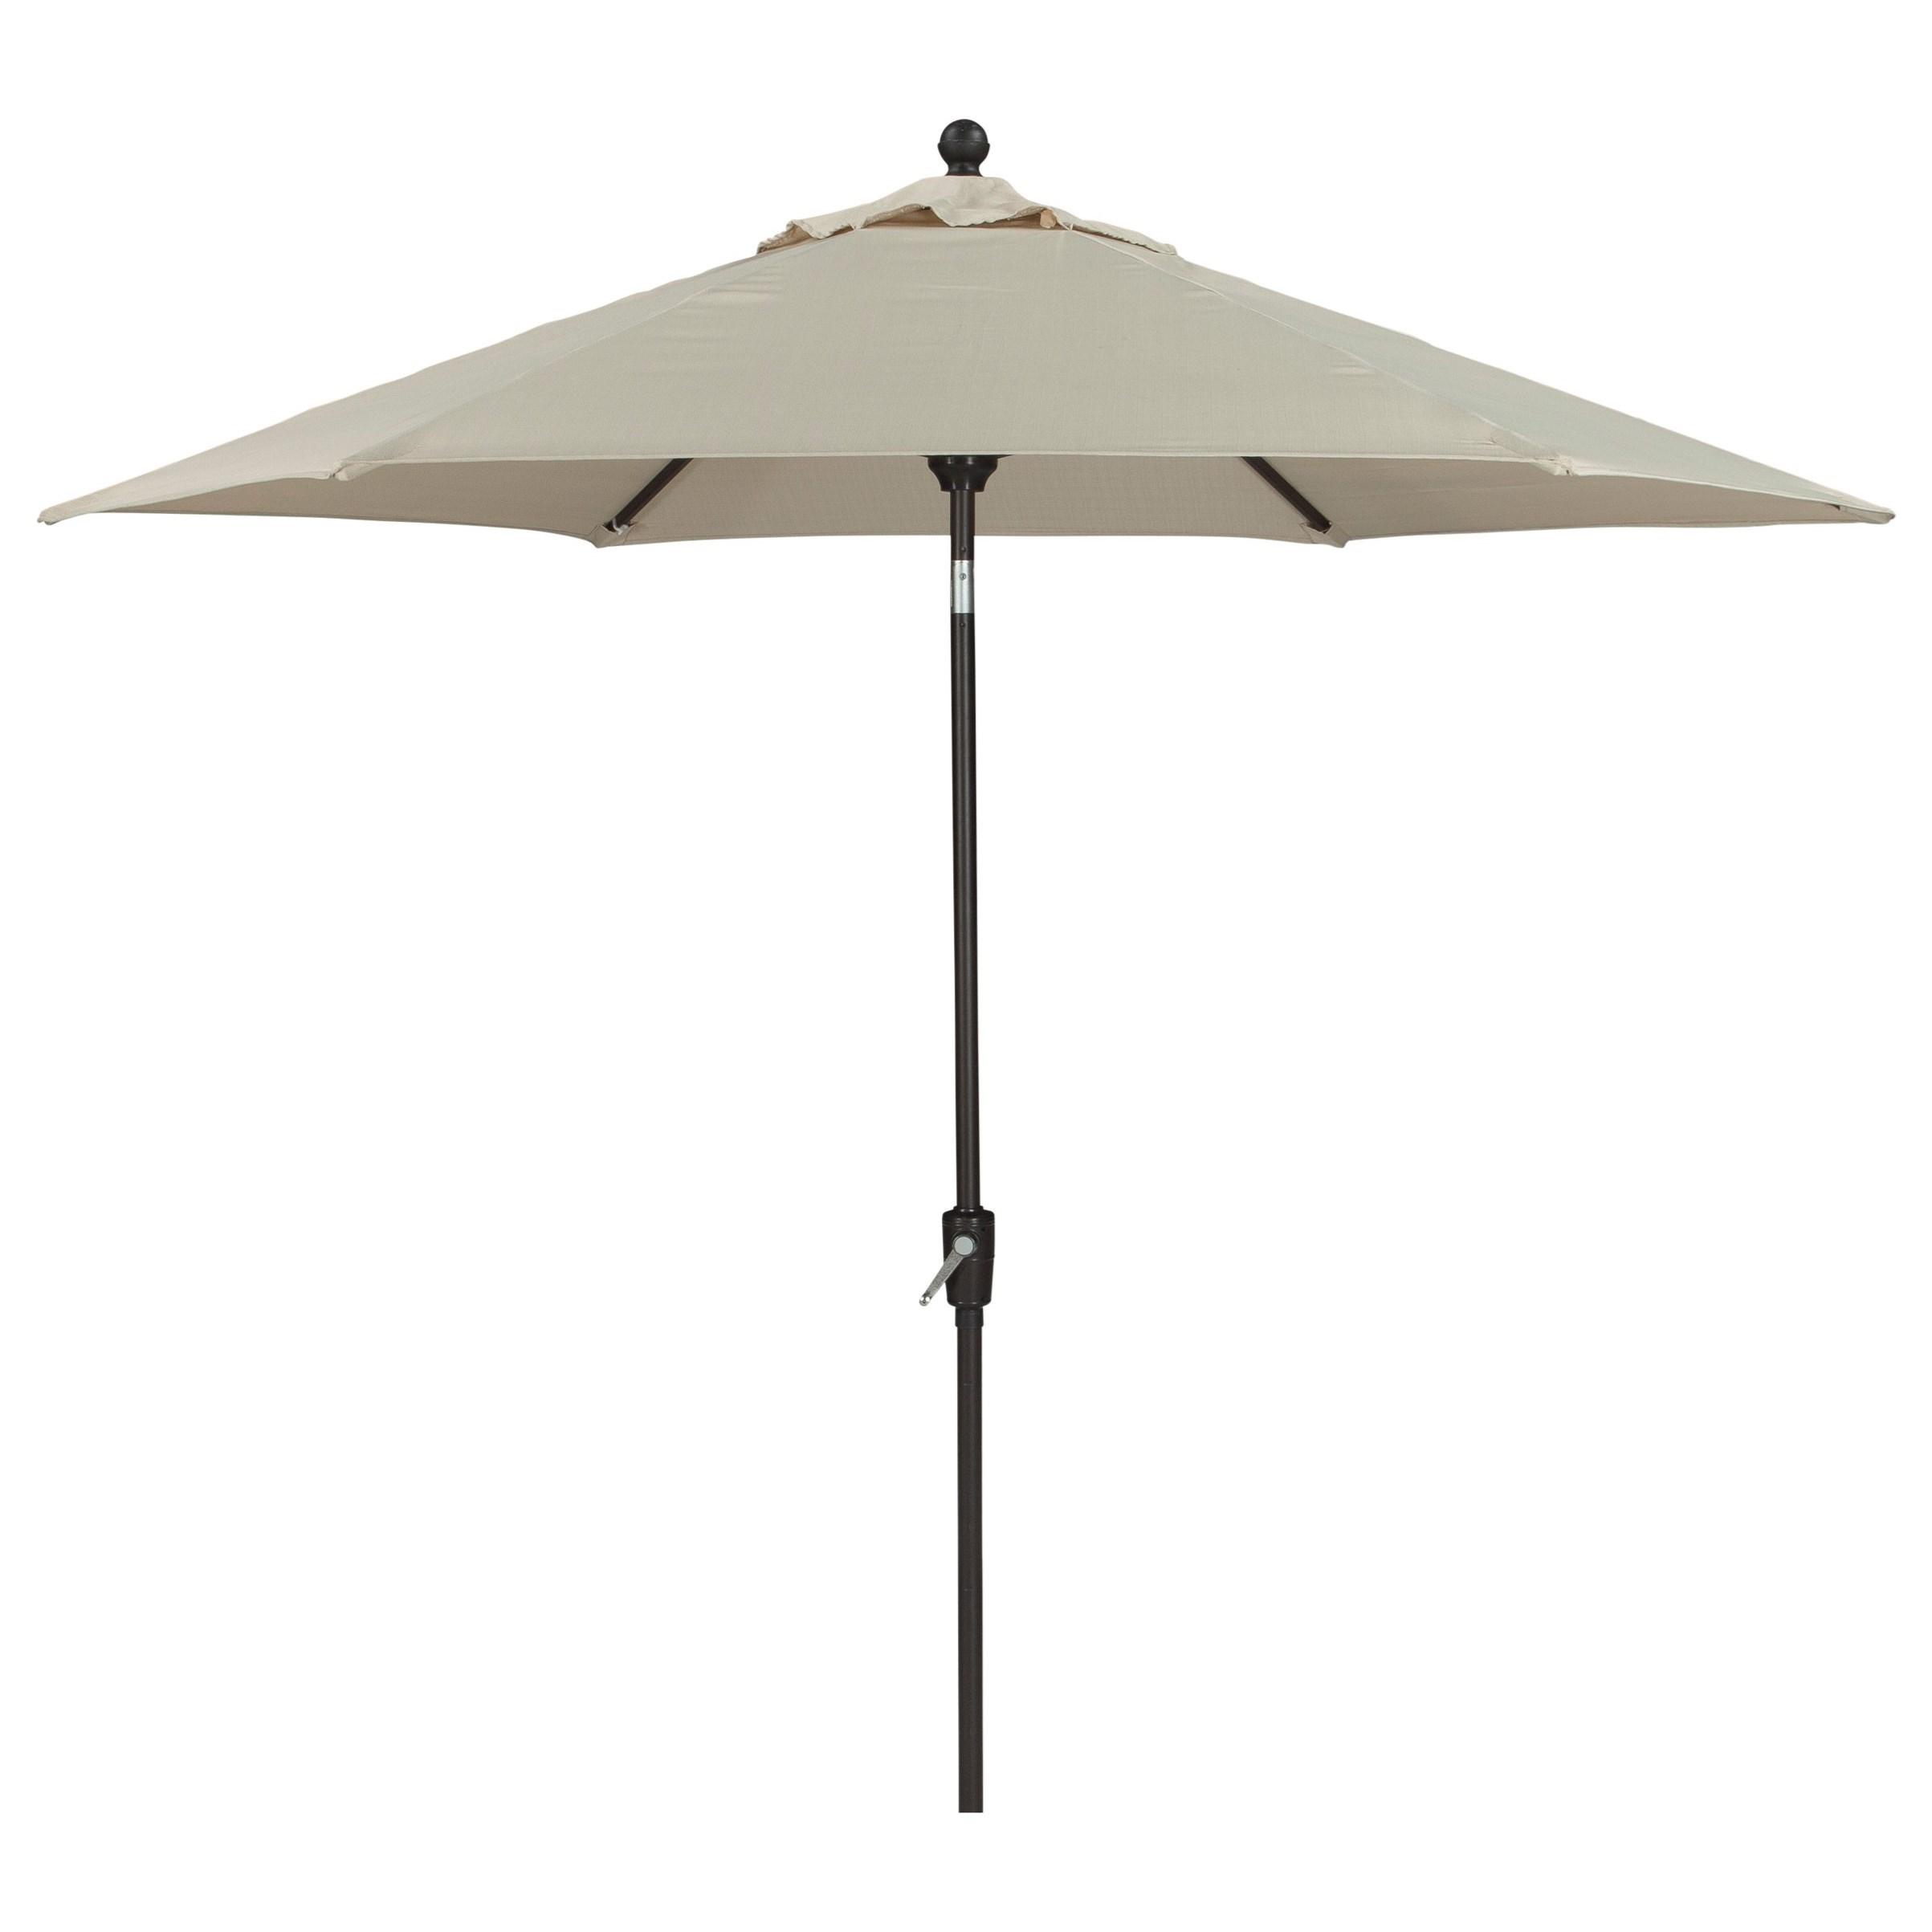 Ashley Signature Design Umbrella Accessories Medium Auto